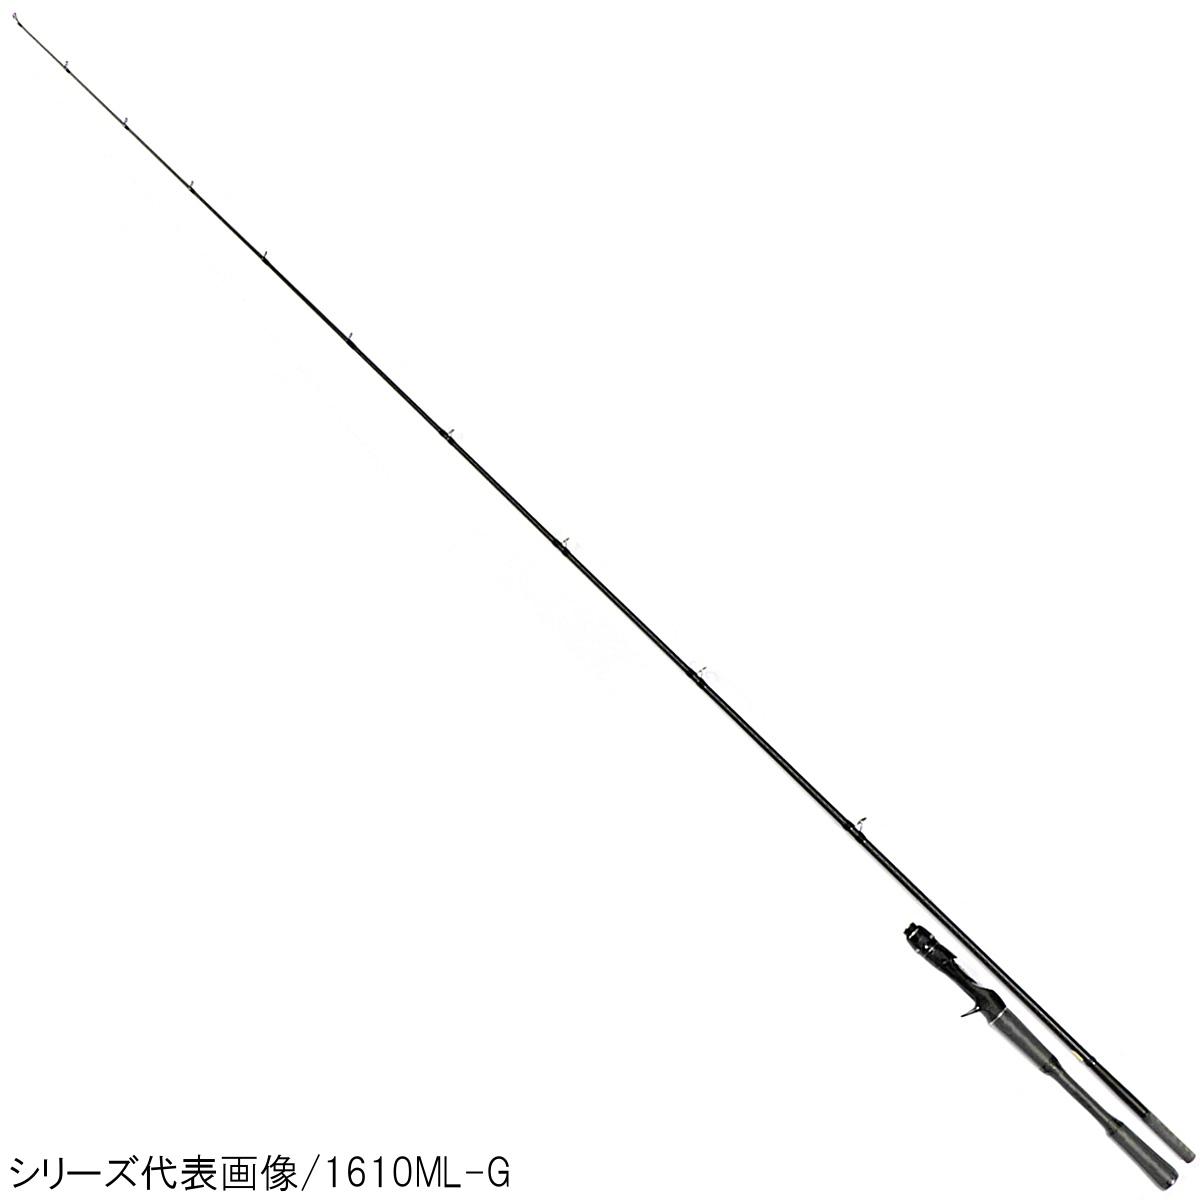 ポイズングロリアス XC 173MH-G シマノ【大型商品】【同梱不可】